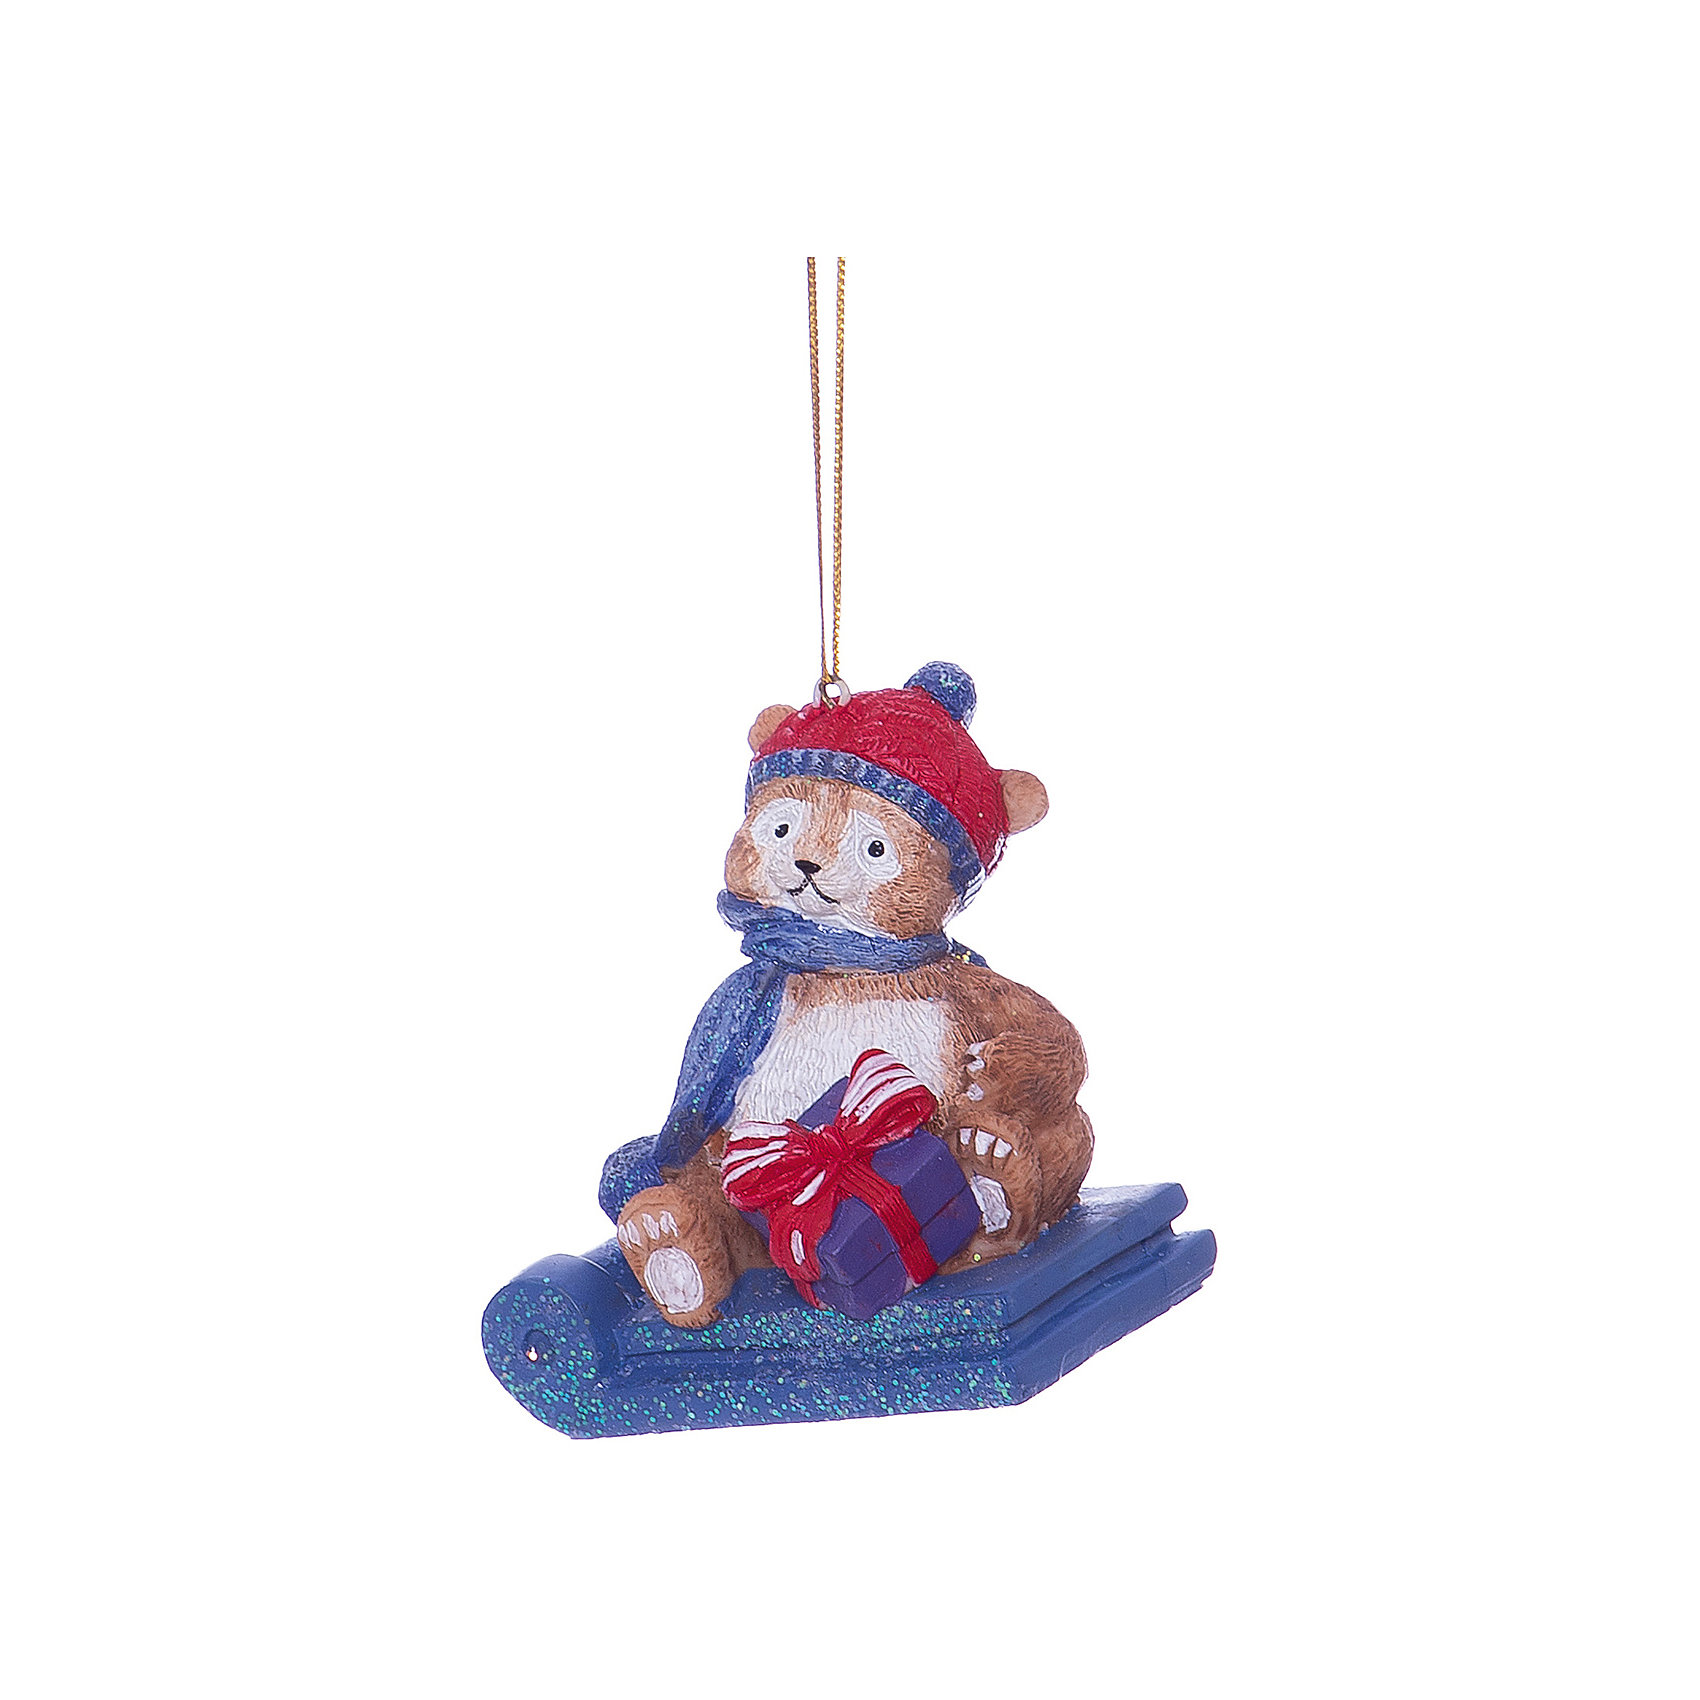 Новогоднее подвесное украшение Мишка в санкахХарактеристики товара:<br><br>• цвет: разноцветный<br>• материал: полирезина<br>• размер: 8.2 х 6.2 х 7.5 см<br>• комплектация: 1 шт<br>• подарочная модель<br>• с подвесом<br>• страна изготовитель: Китай<br><br>Новогодний праздник невозможен без ёлочных украшений. Этот мишка от бренда Феникс-Презент станет отличным подарком близким, друзьям или сотрудникам и украсит помещение в новогодние дни! Он отлично смотрится на ёлке и в интерьере.<br>Такие небольшие детали и создают полную праздничную картину наравне с <br>ёлкой и мишурой! Этот мишка будет создавать праздничное настроение не один год! Изделие производится из качественных и проверенных материалов, которые безопасны для детей.<br><br>Новогоднее подвесное украшение Мишка в санках от бренда Феникс-Презент можно купить в нашем интернет-магазине.<br><br>Ширина мм: 80<br>Глубина мм: 70<br>Высота мм: 90<br>Вес г: 97<br>Возраст от месяцев: 60<br>Возраст до месяцев: 600<br>Пол: Унисекс<br>Возраст: Детский<br>SKU: 5144729